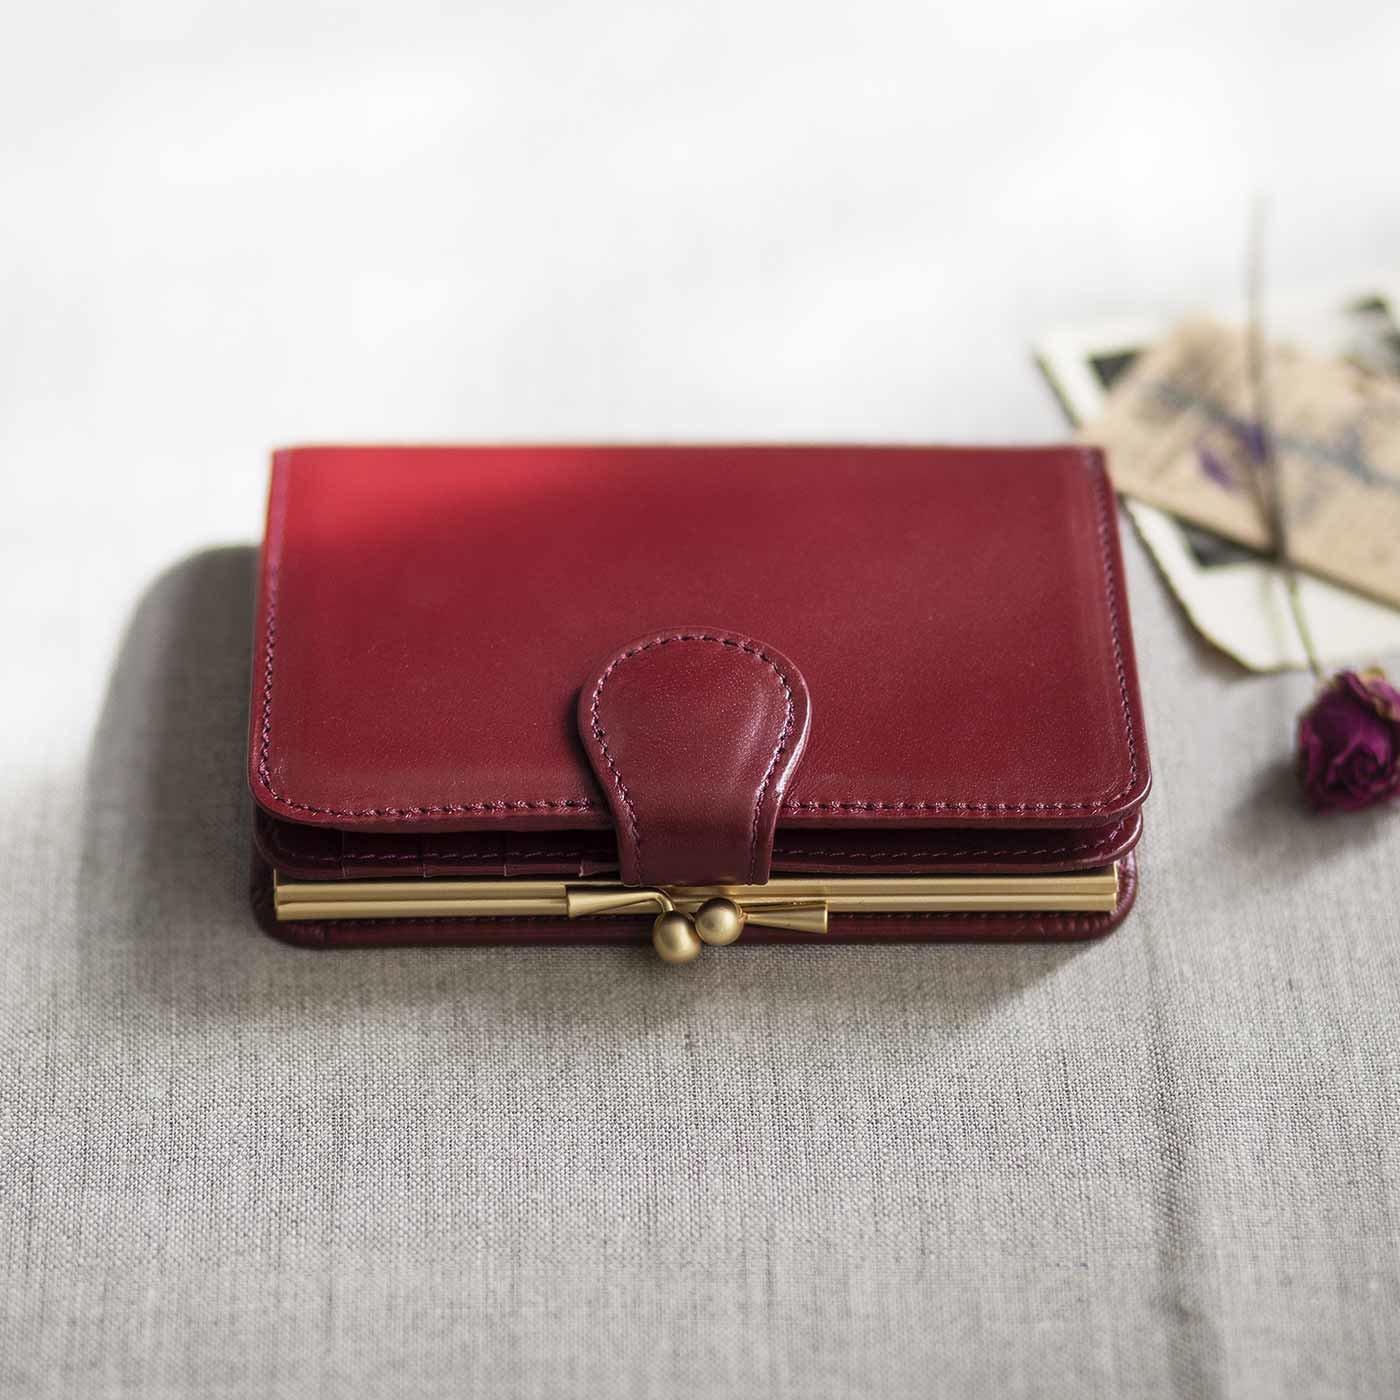 職人が誂えた 仕草華やぐ 大人の馬革折り財布〈薔薇色〉[本革 財布:日本製]